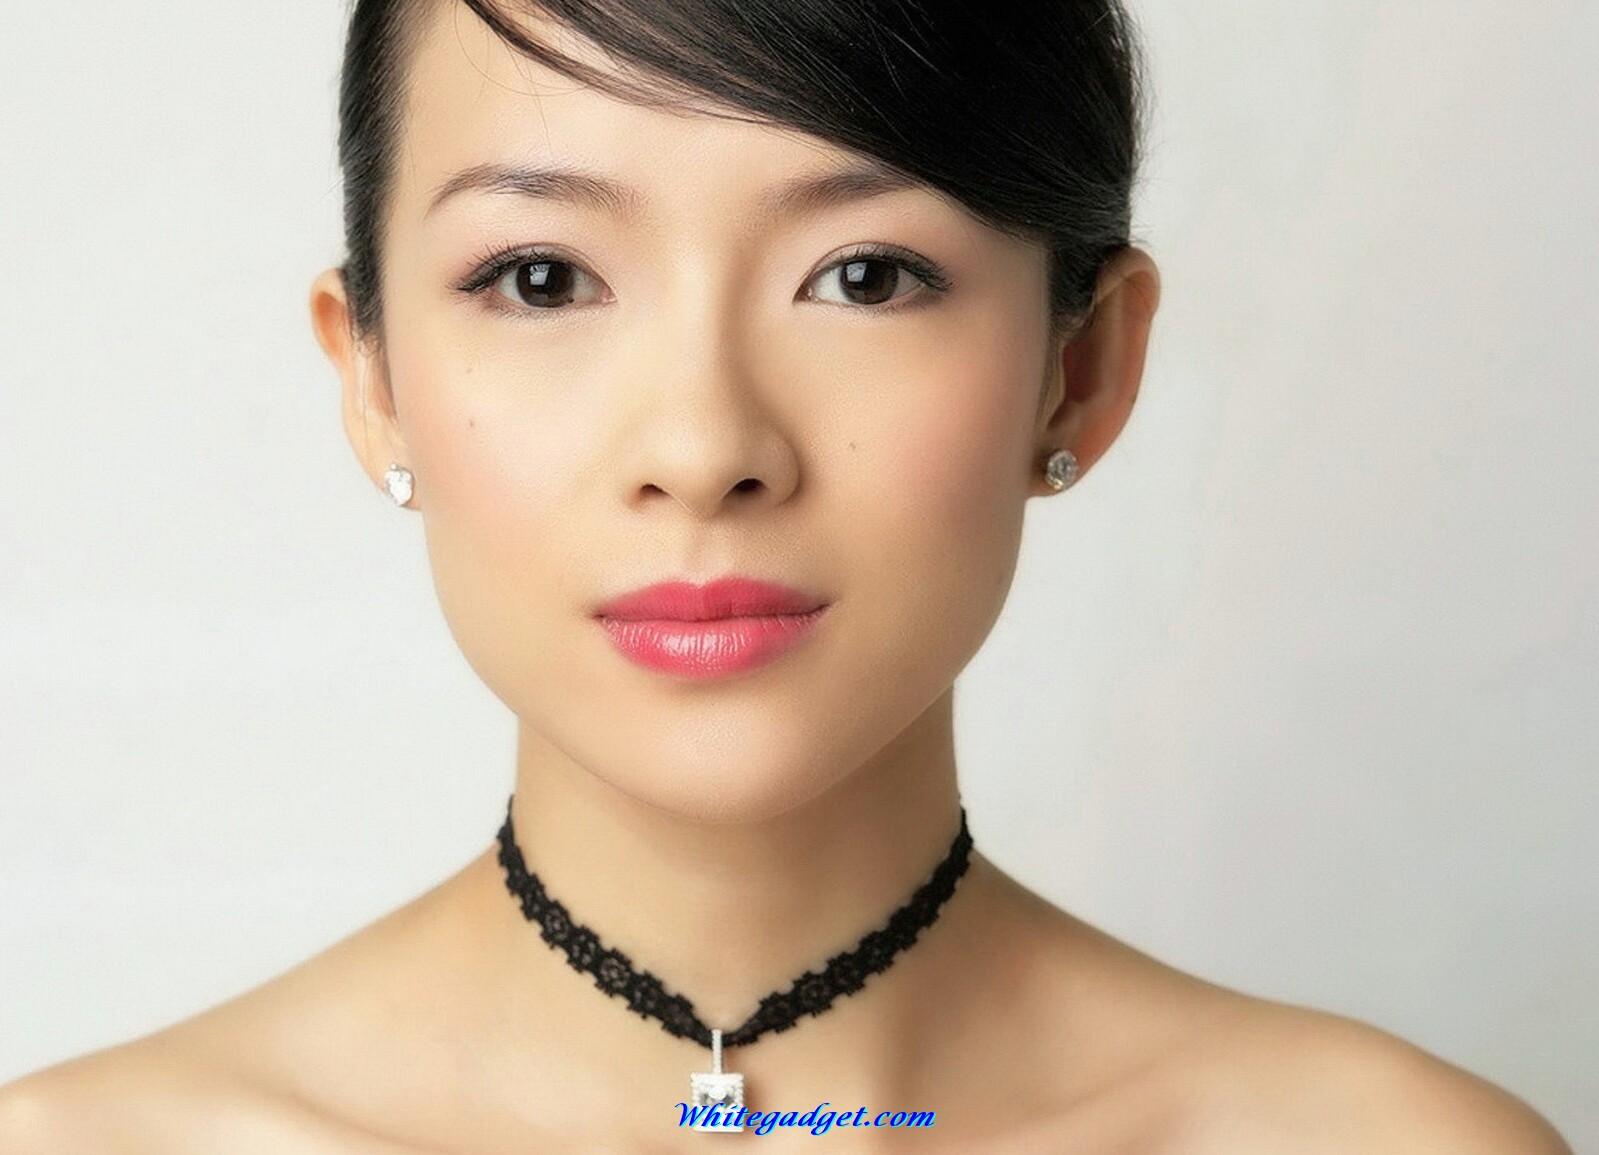 ziyi zhang scandal